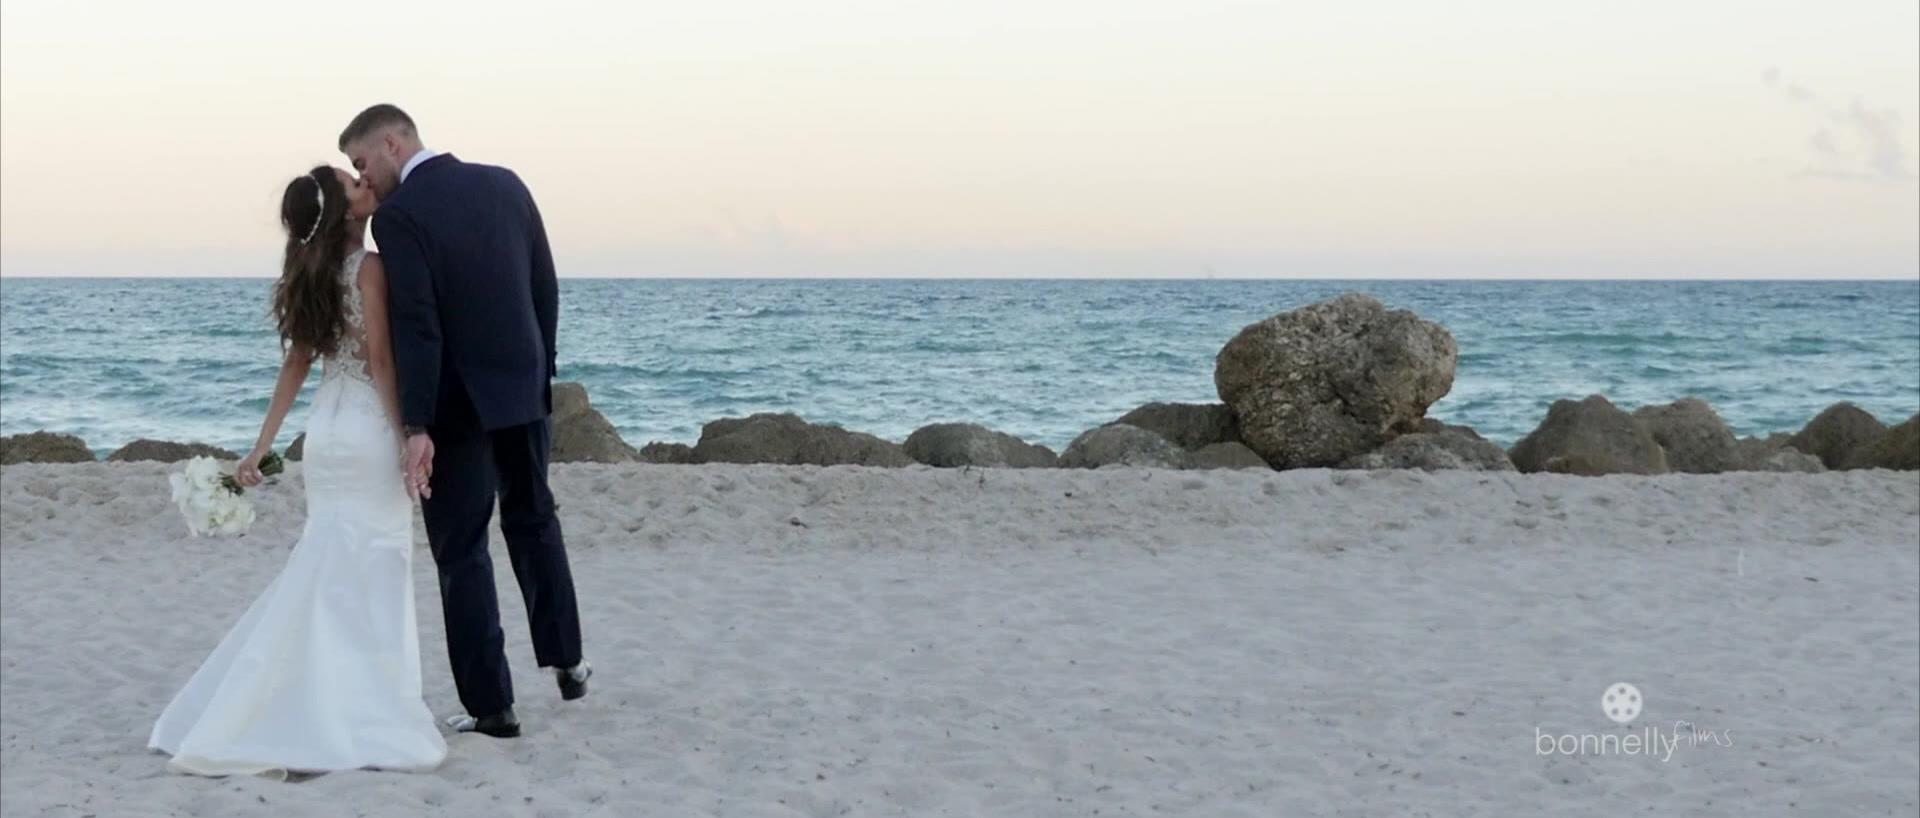 Gabriella + Derek | Miami Beach, Florida | The Palms